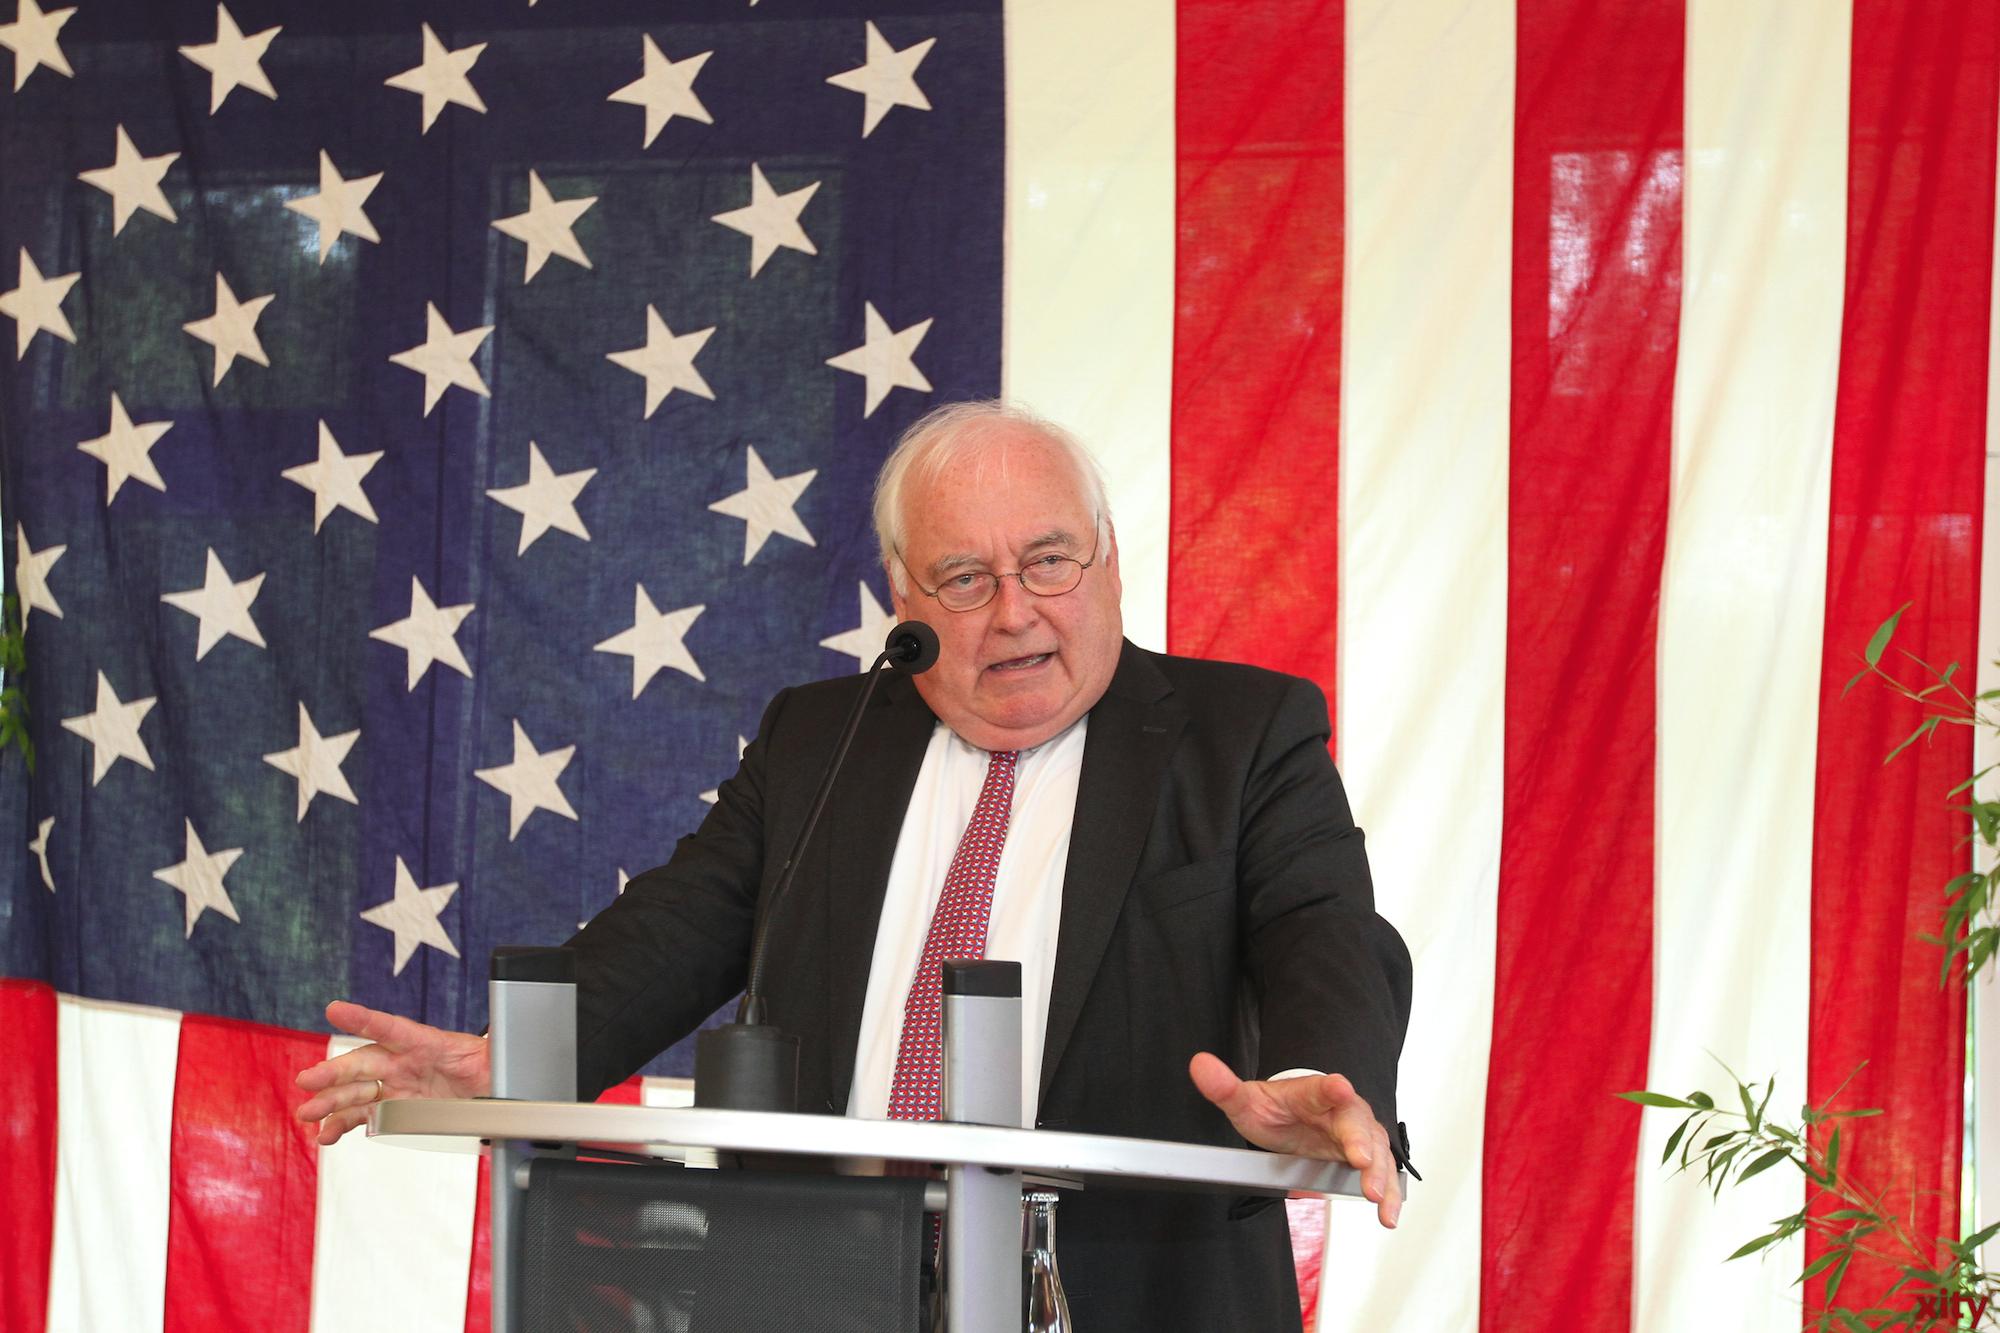 Friedrich G. Conzen, Bürgermeister der Stadt Düsseldorf (Foto: xity)